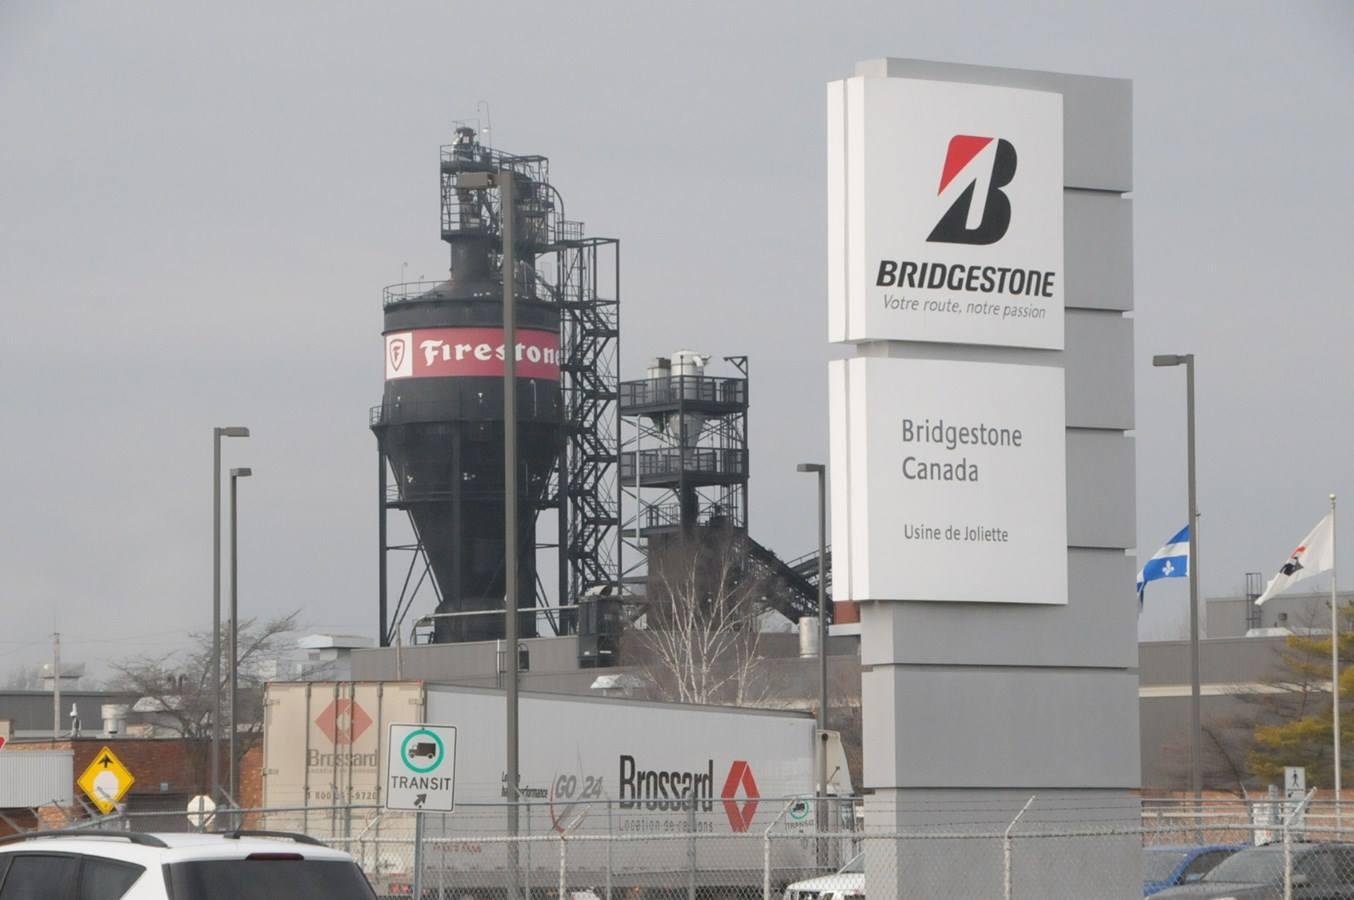 Le projet d'agrandissement de l'usine de Bridgestone